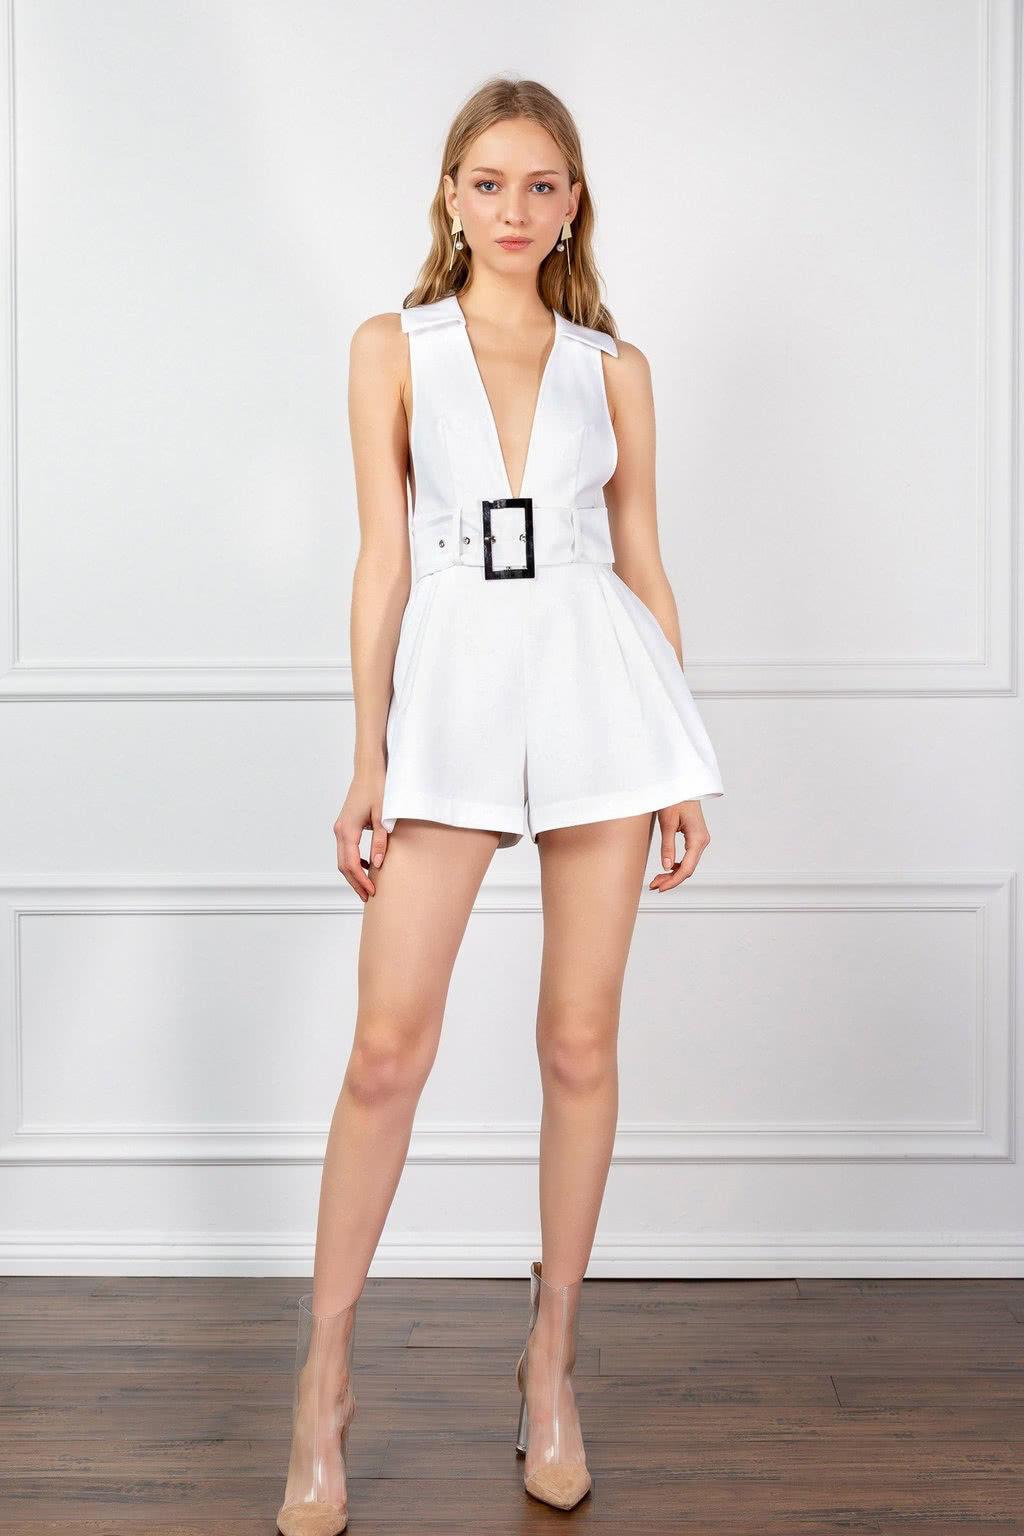 J.ING marilyn dress summer 2019 women - Luxe Digital